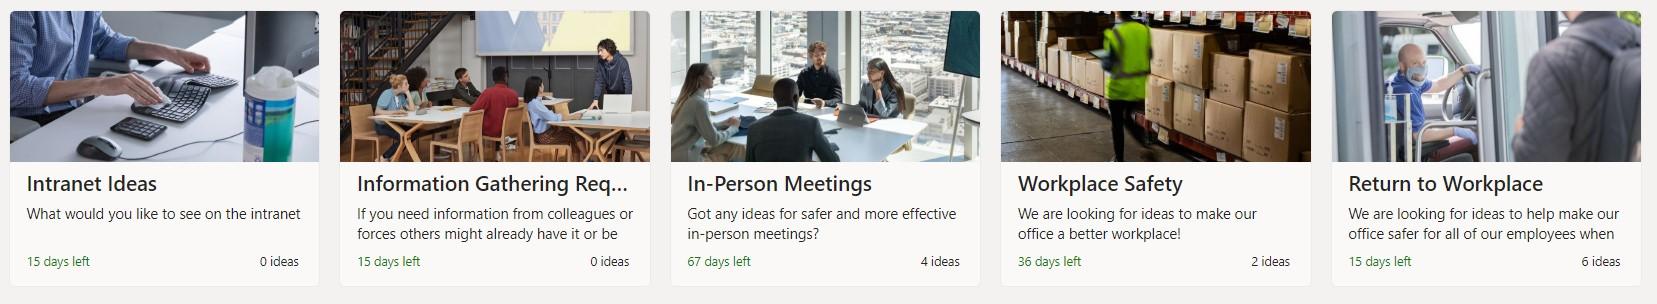 Screenshot of Employee ideas